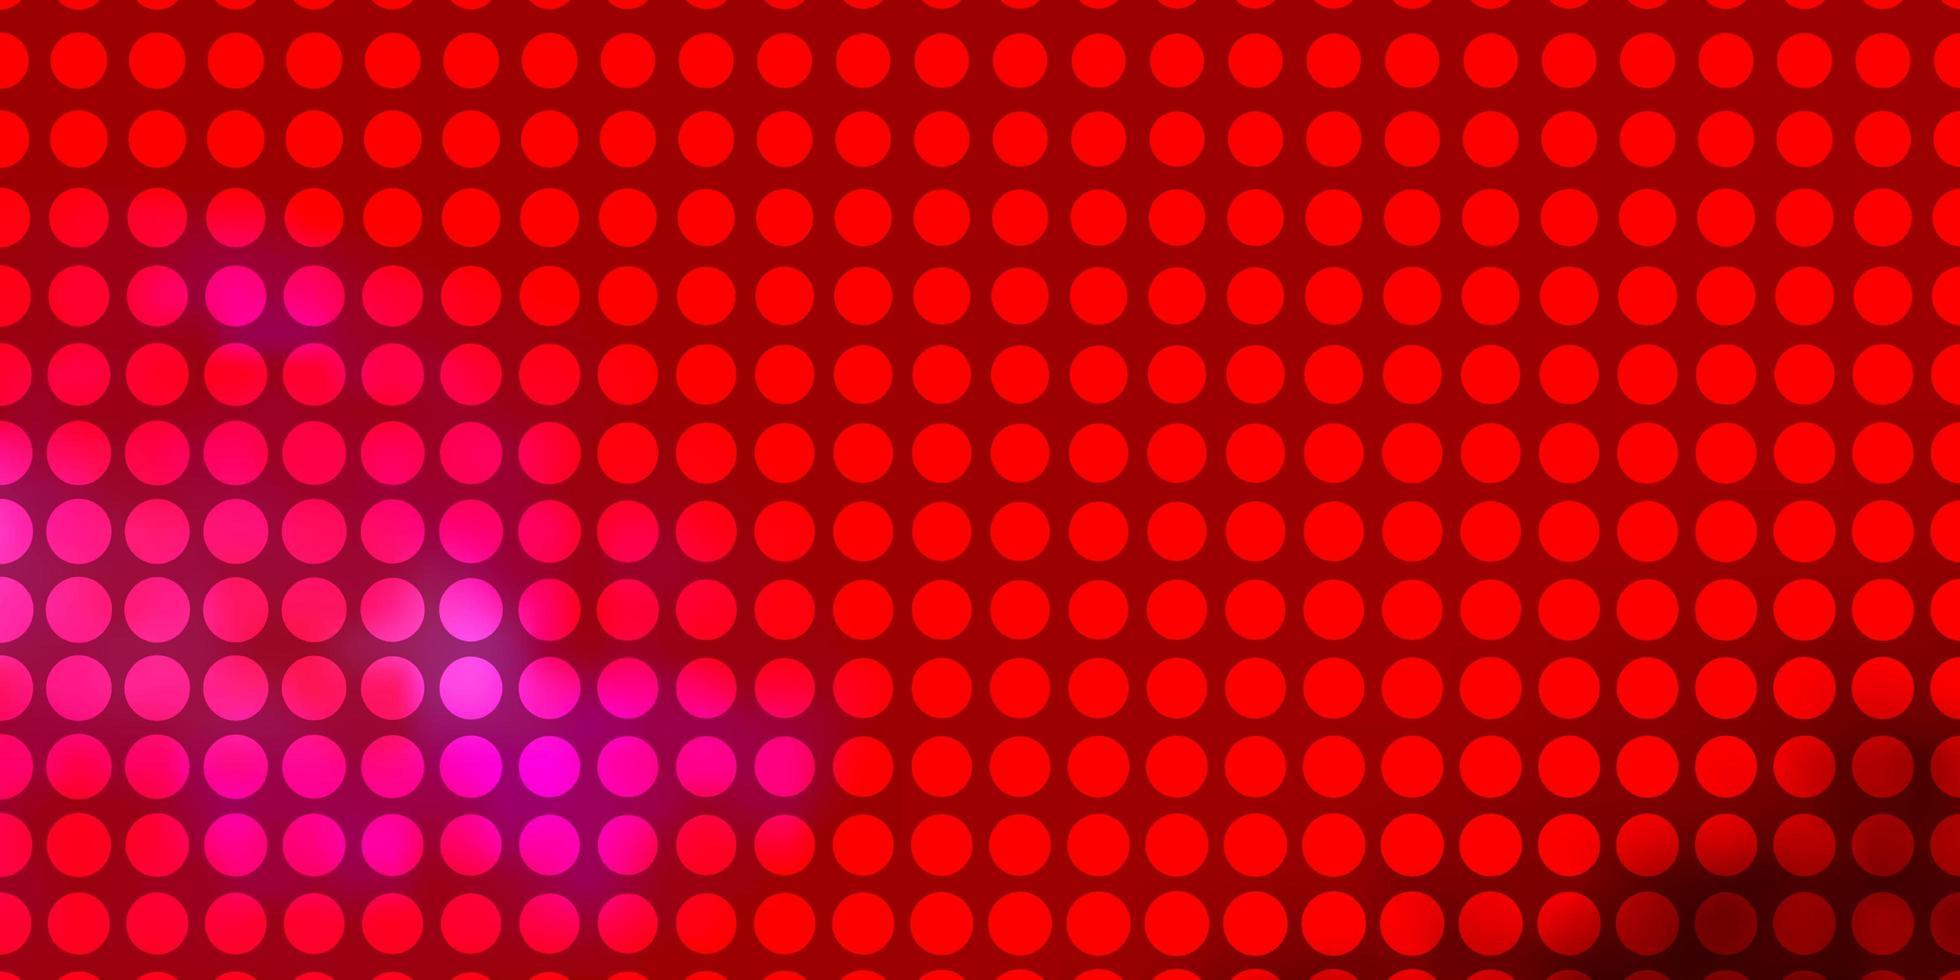 texture de vecteur rouge clair avec des cercles.